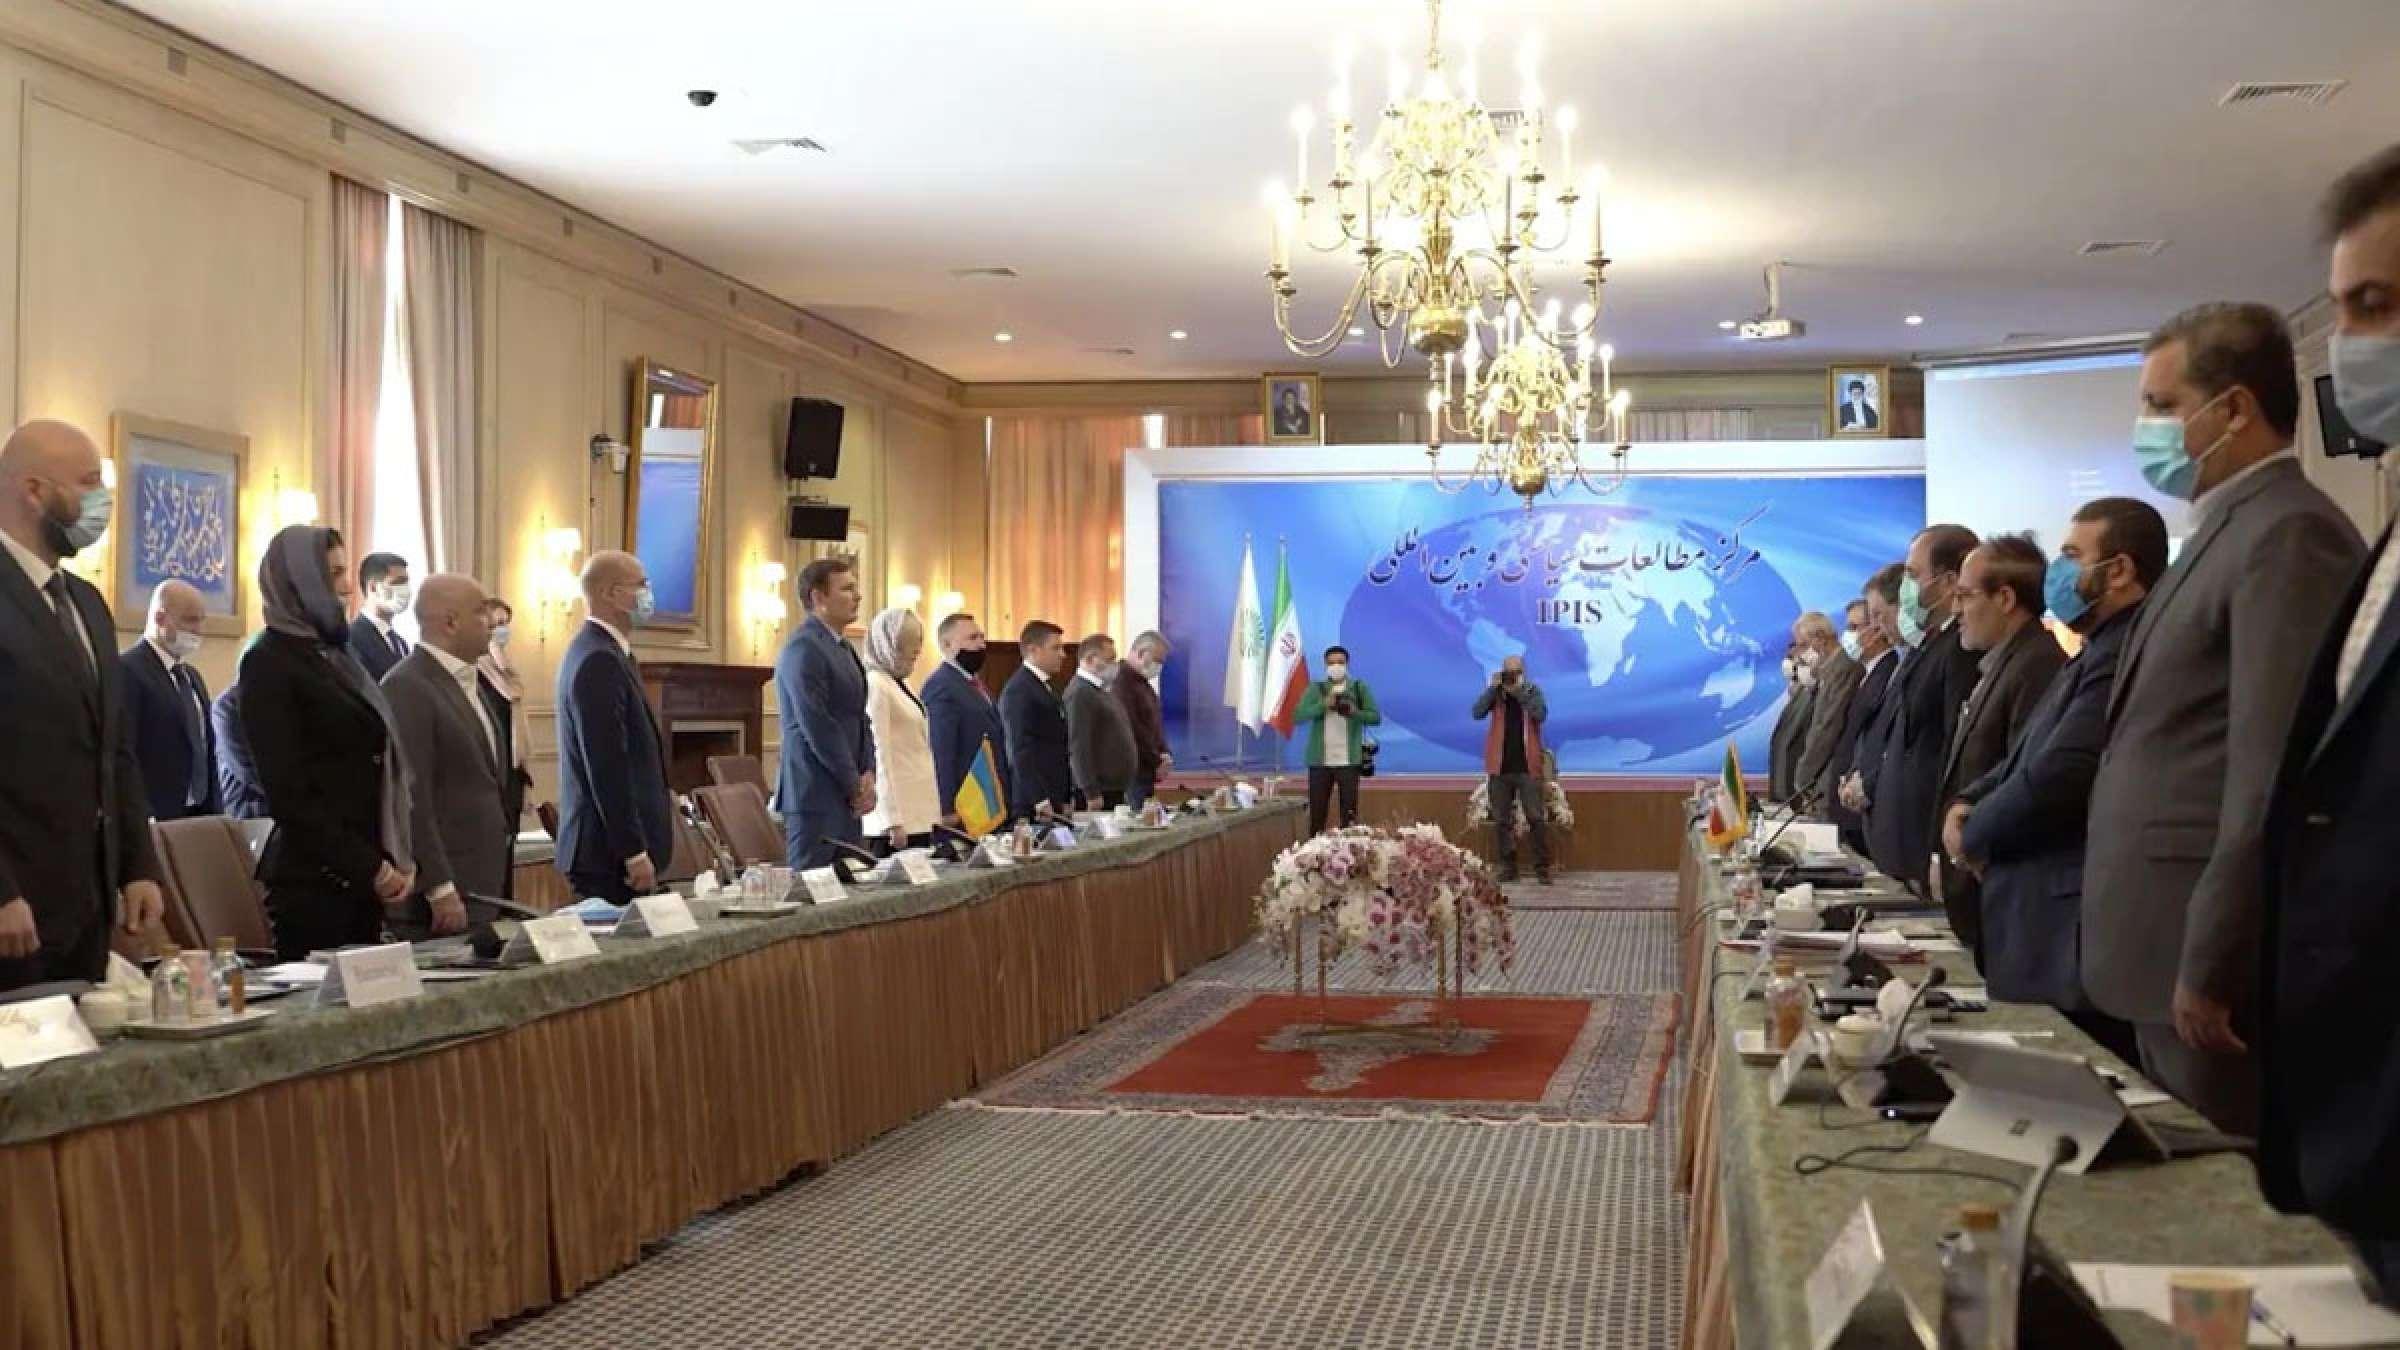 اخبار-کانادا-ایران-در-سقوط-هواپیمای-اوکراینی-کانادا-بخشی-از-گفتگوها-نیست